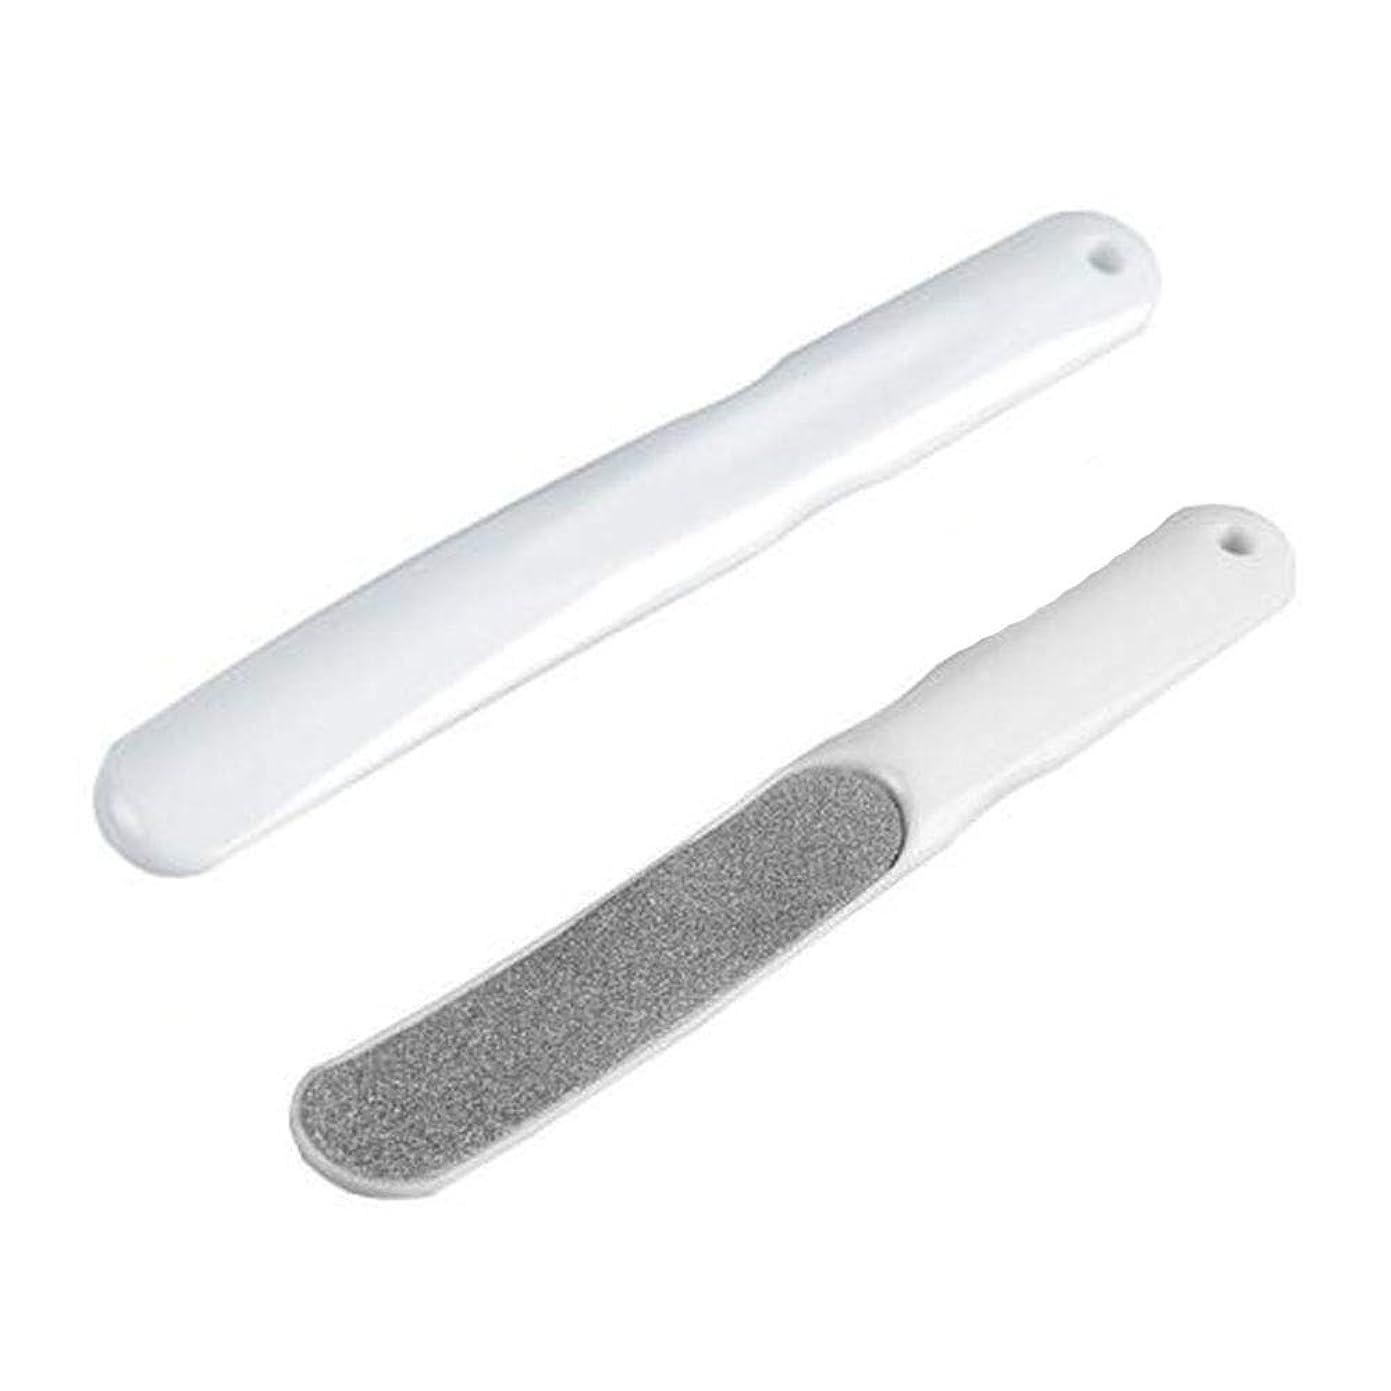 ネブ墓地ガジュマルRen He 角質削り 角質除去 フット用品 魚の目 足指 対応 2個